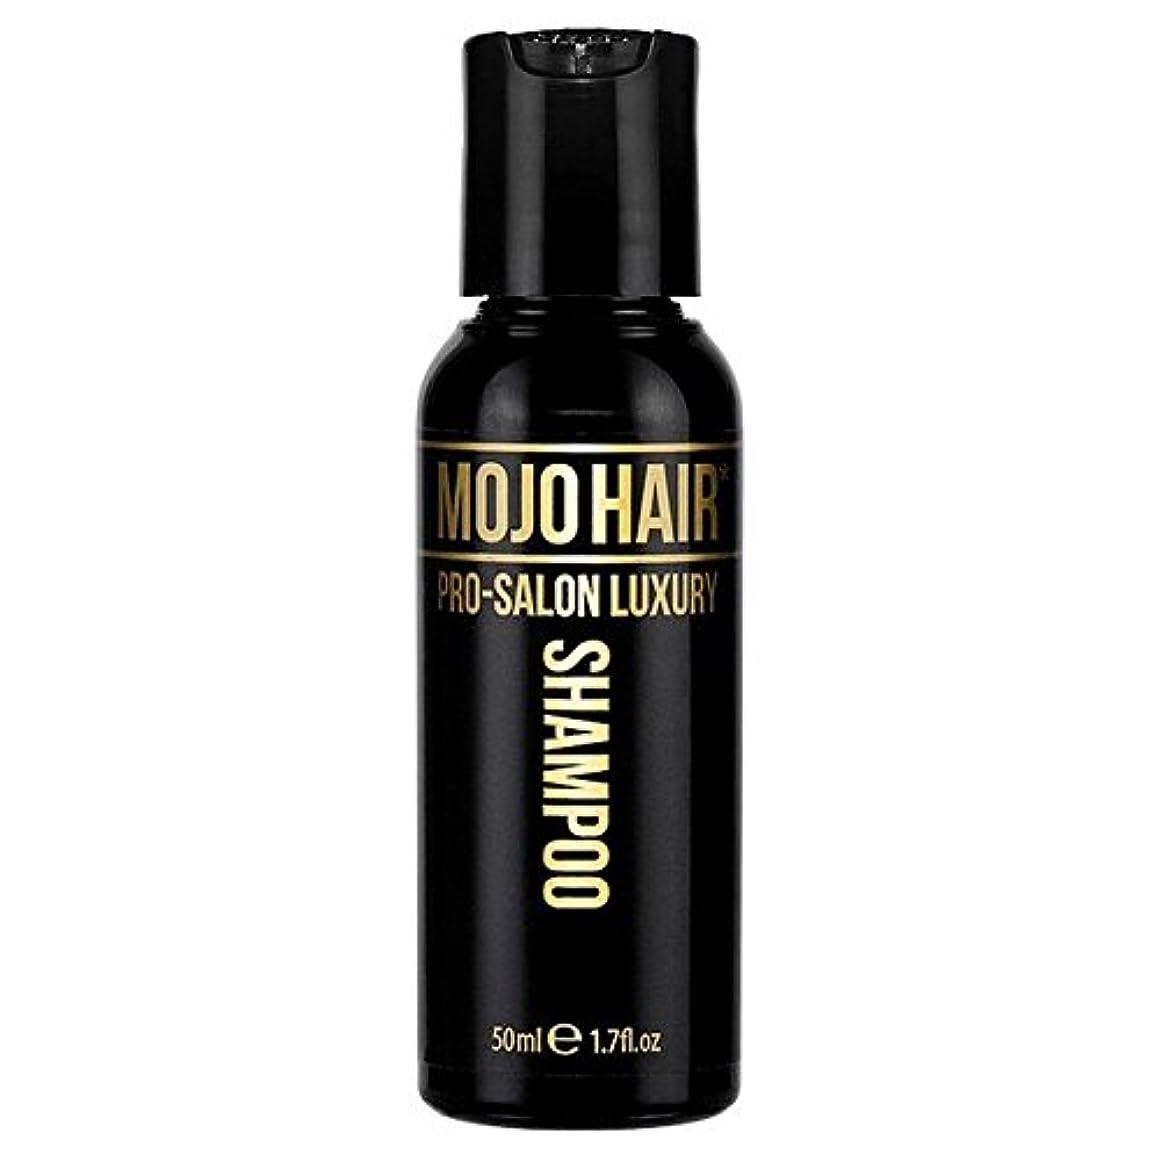 理想的には羊飼いレキシコンMOJO HAIR Pro-Salon Luxury Fragrance Shampoo for Men, Travel Size 50ml - 男性のためのモジョの毛プロのサロンの贅沢な香りのシャンプー、トラベルサイズの50ミリリットル [並行輸入品]